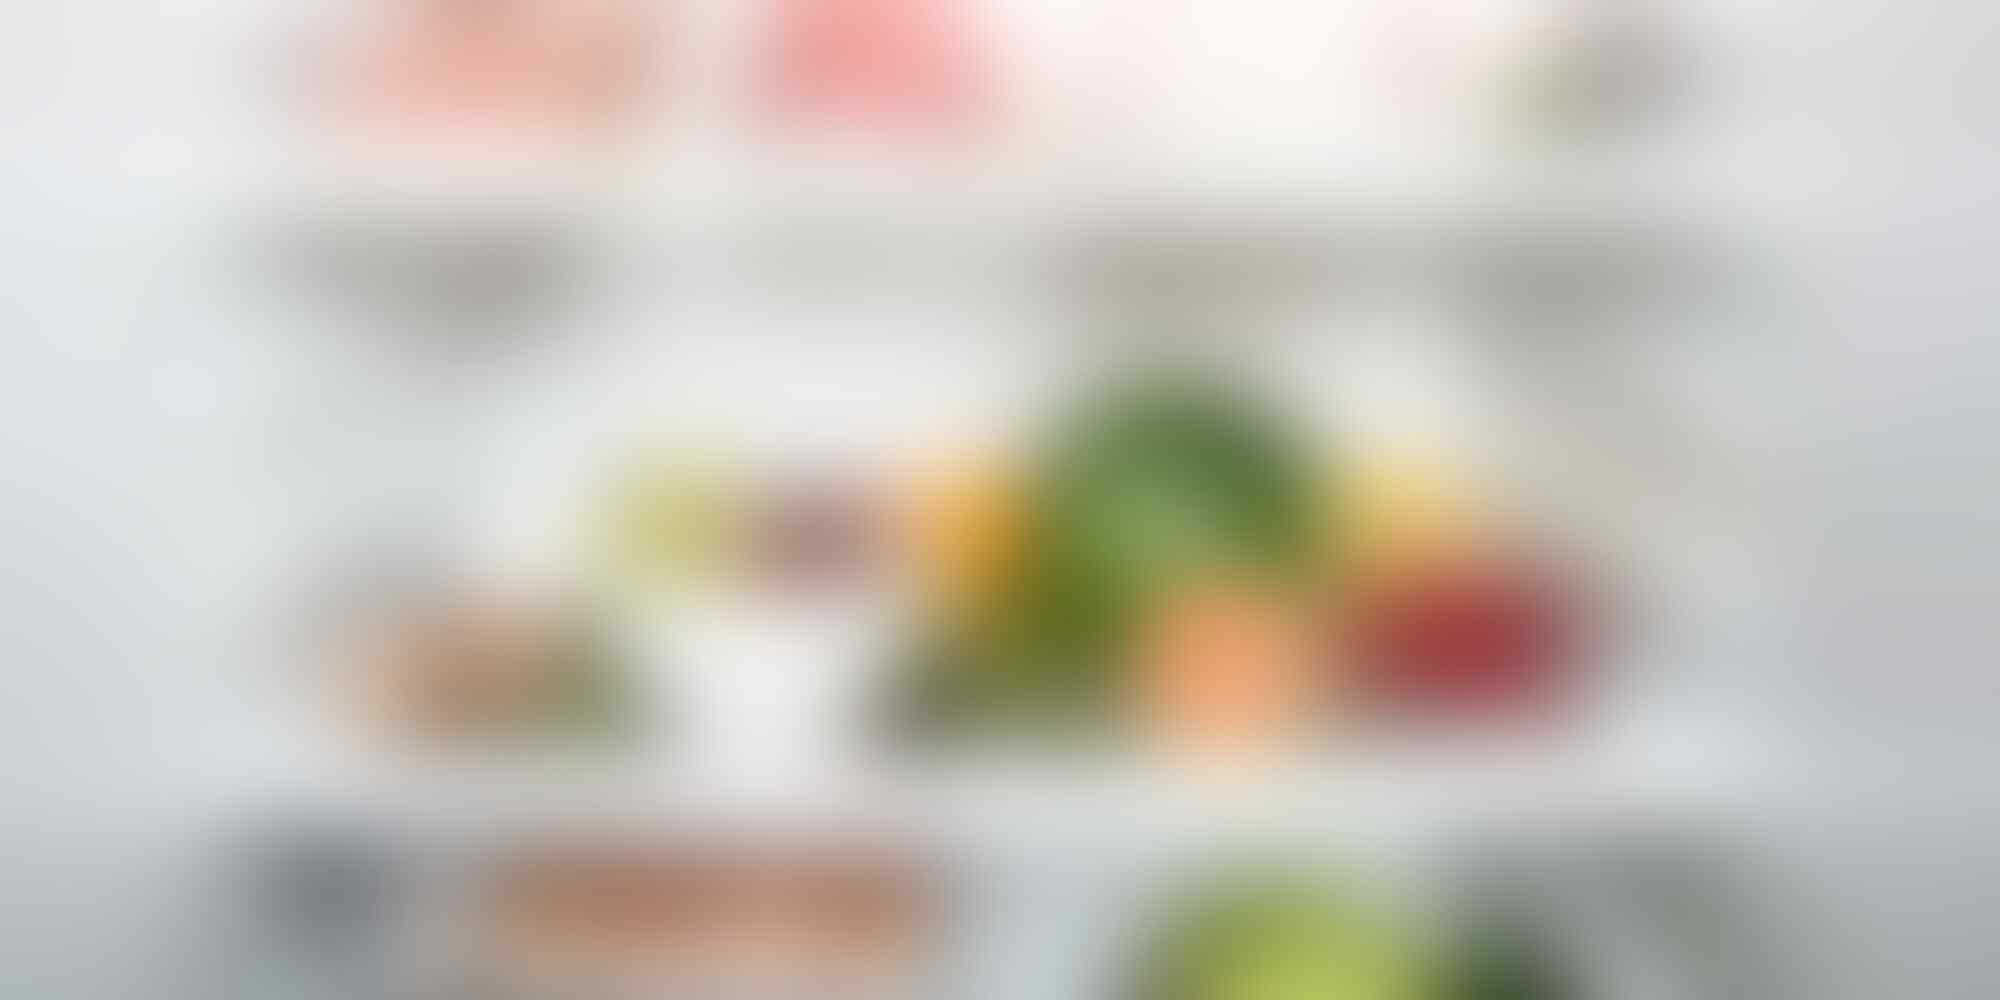 7 Trik Makan Supaya Bisa Ambil Porsi Lebih Sedikit dari Biasanya